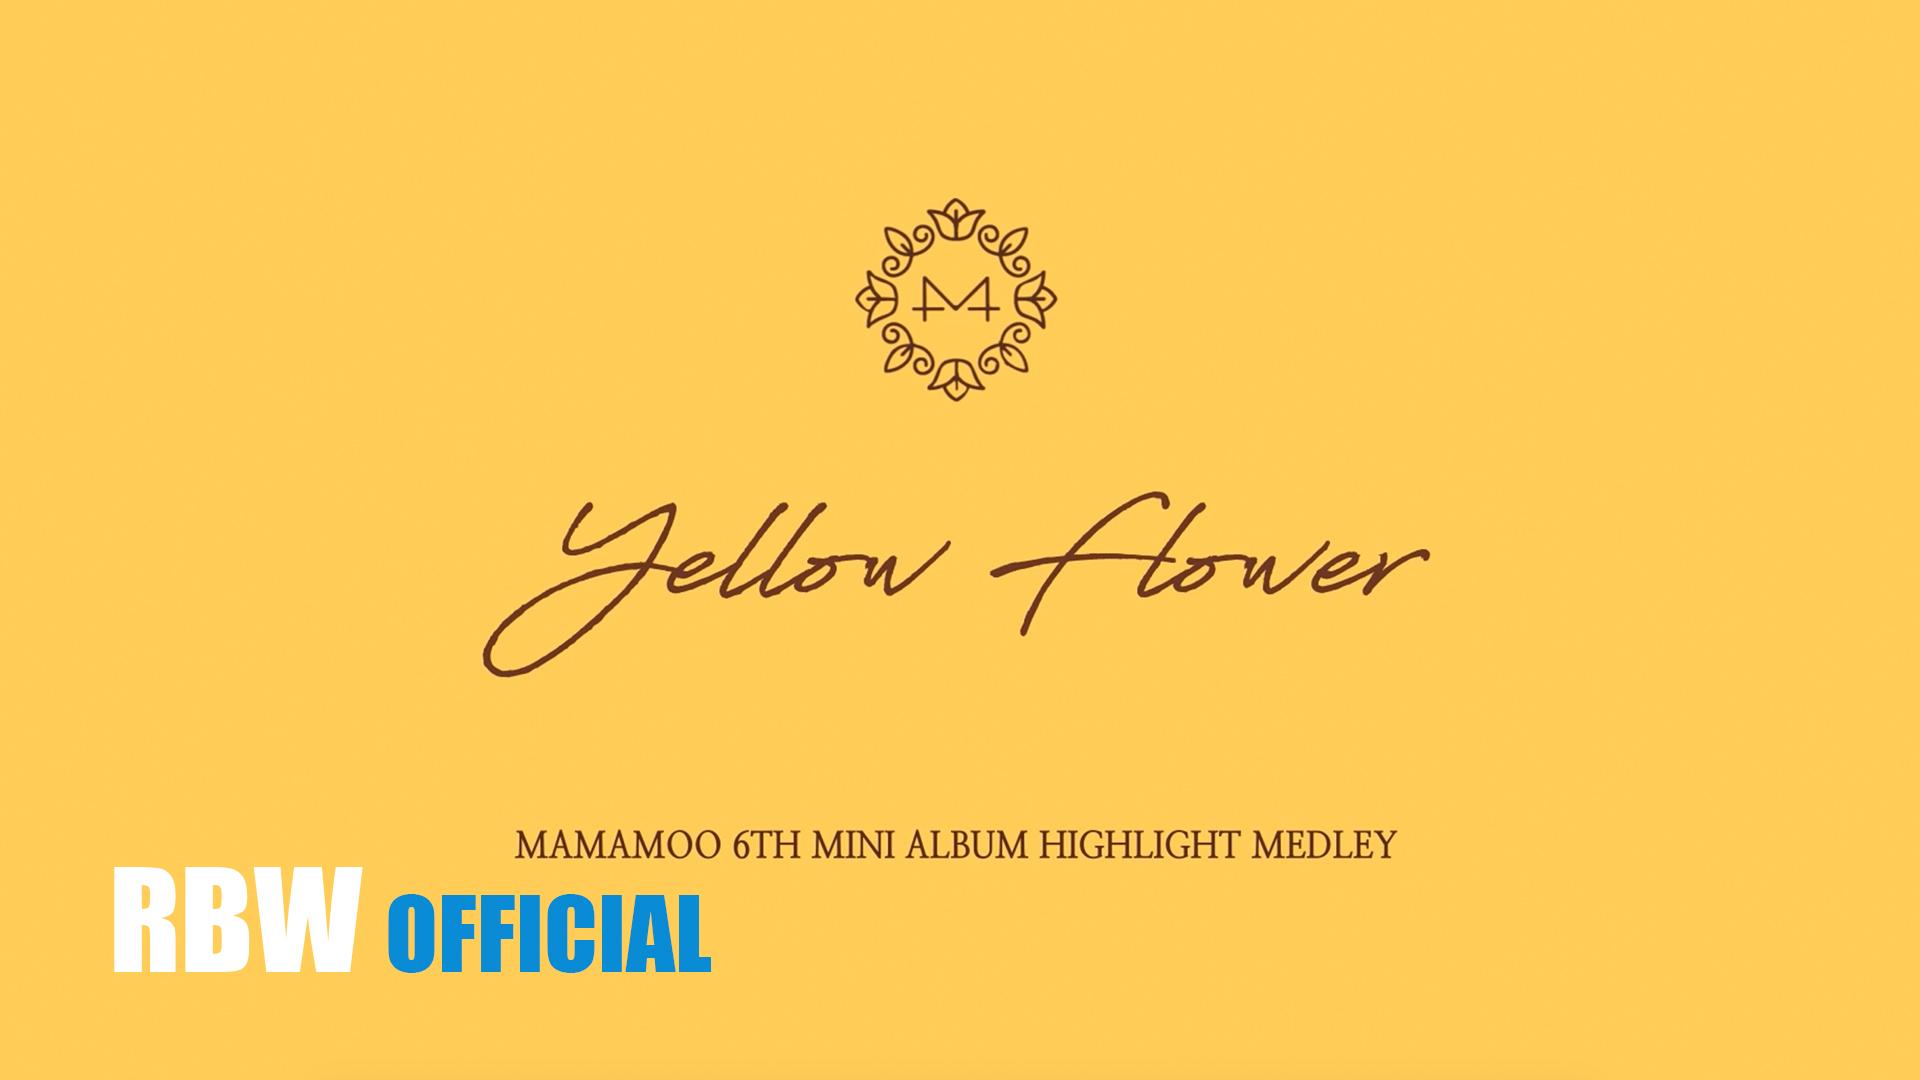 V Live Highlight Yellow Flower